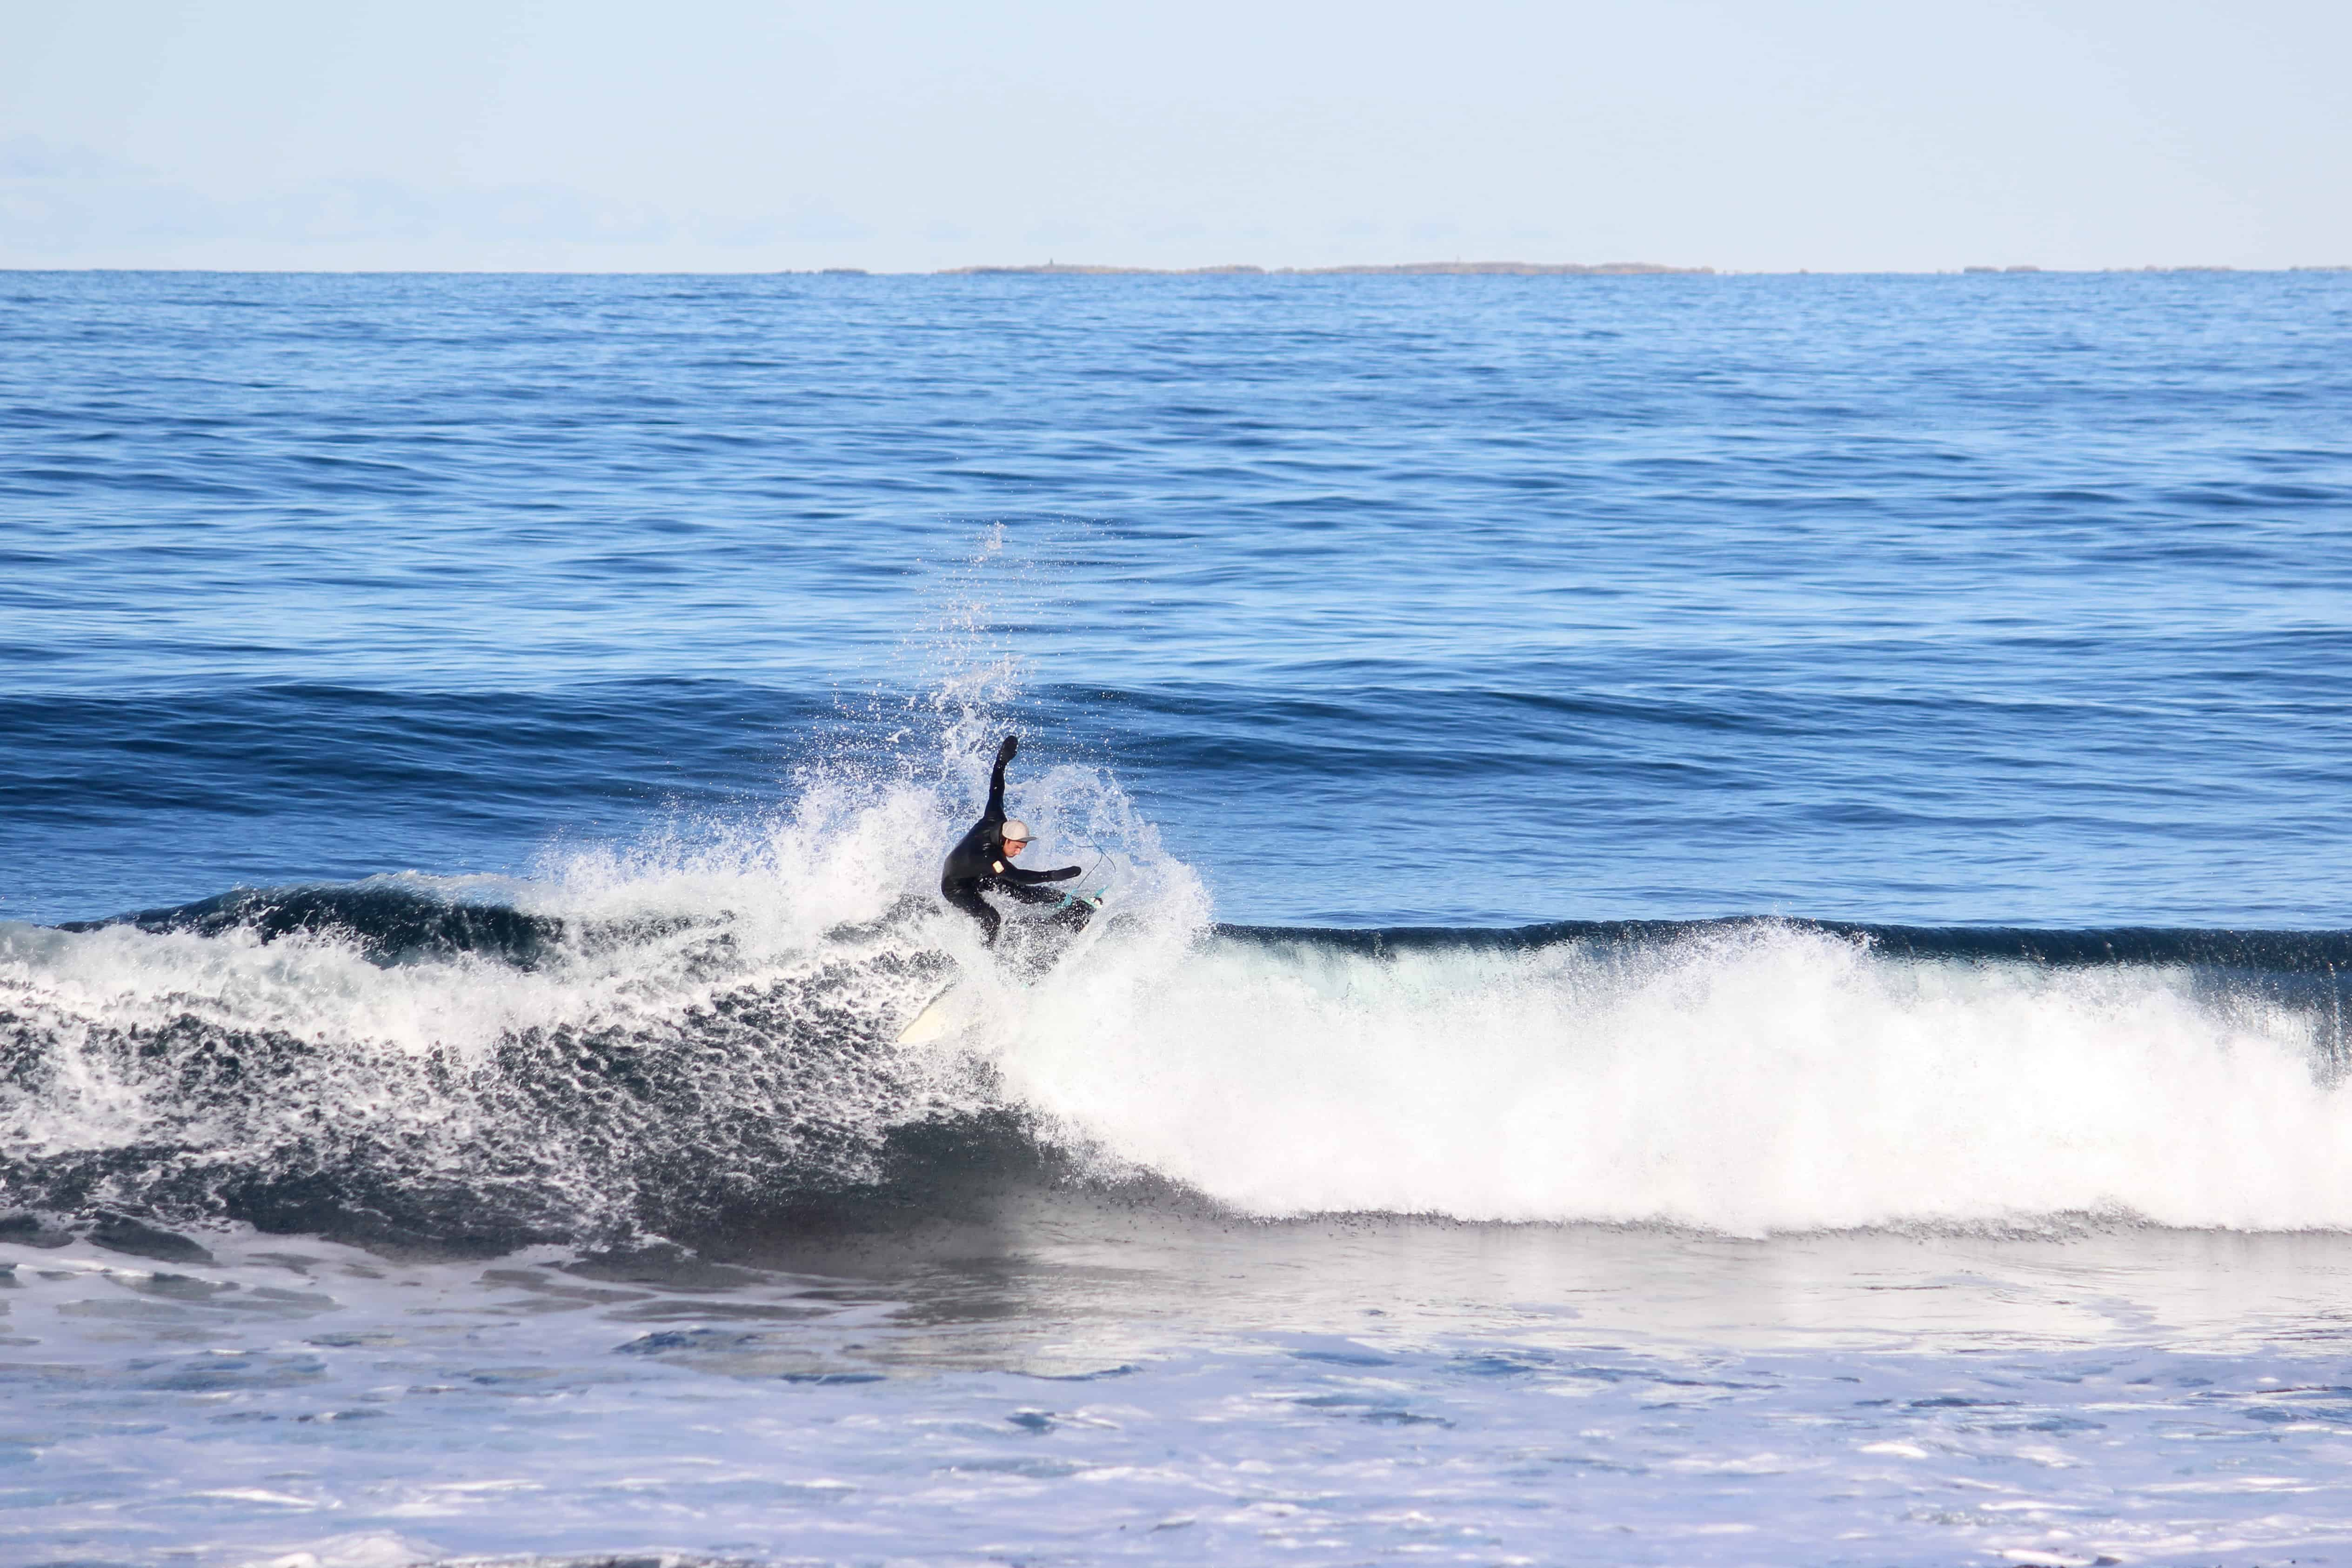 Jørn Svindland utnytter bølgen til siste skum - Foto: Frida Eide / Malin Baumann